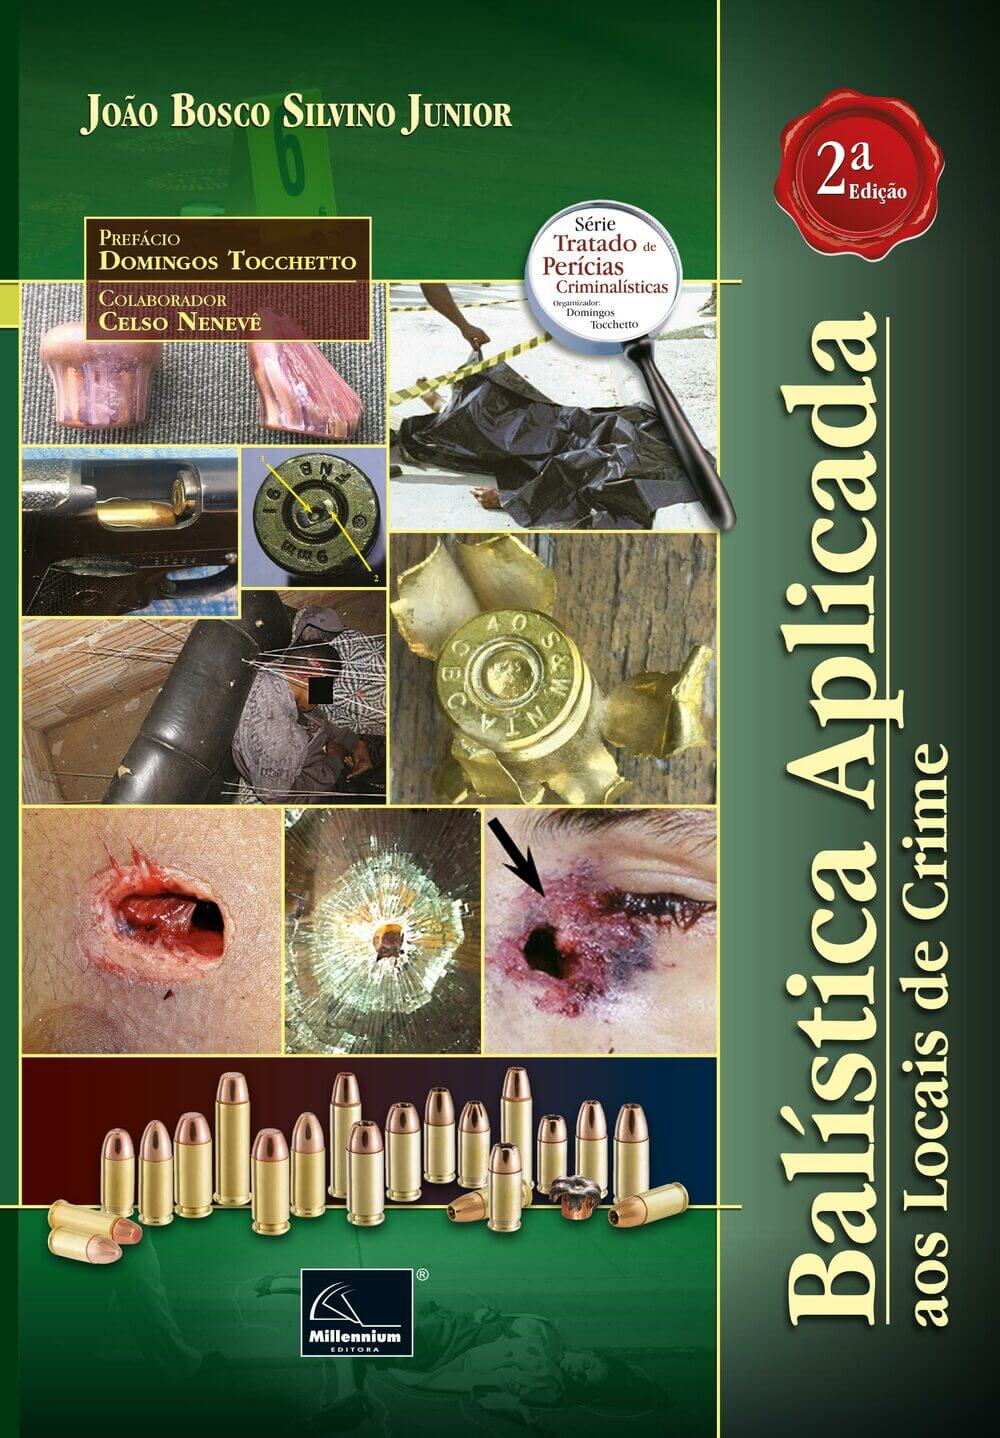 Balística Aplicada aos Locais de Crime 2ª Edição  - Millennium Editora - Livros de Perícia